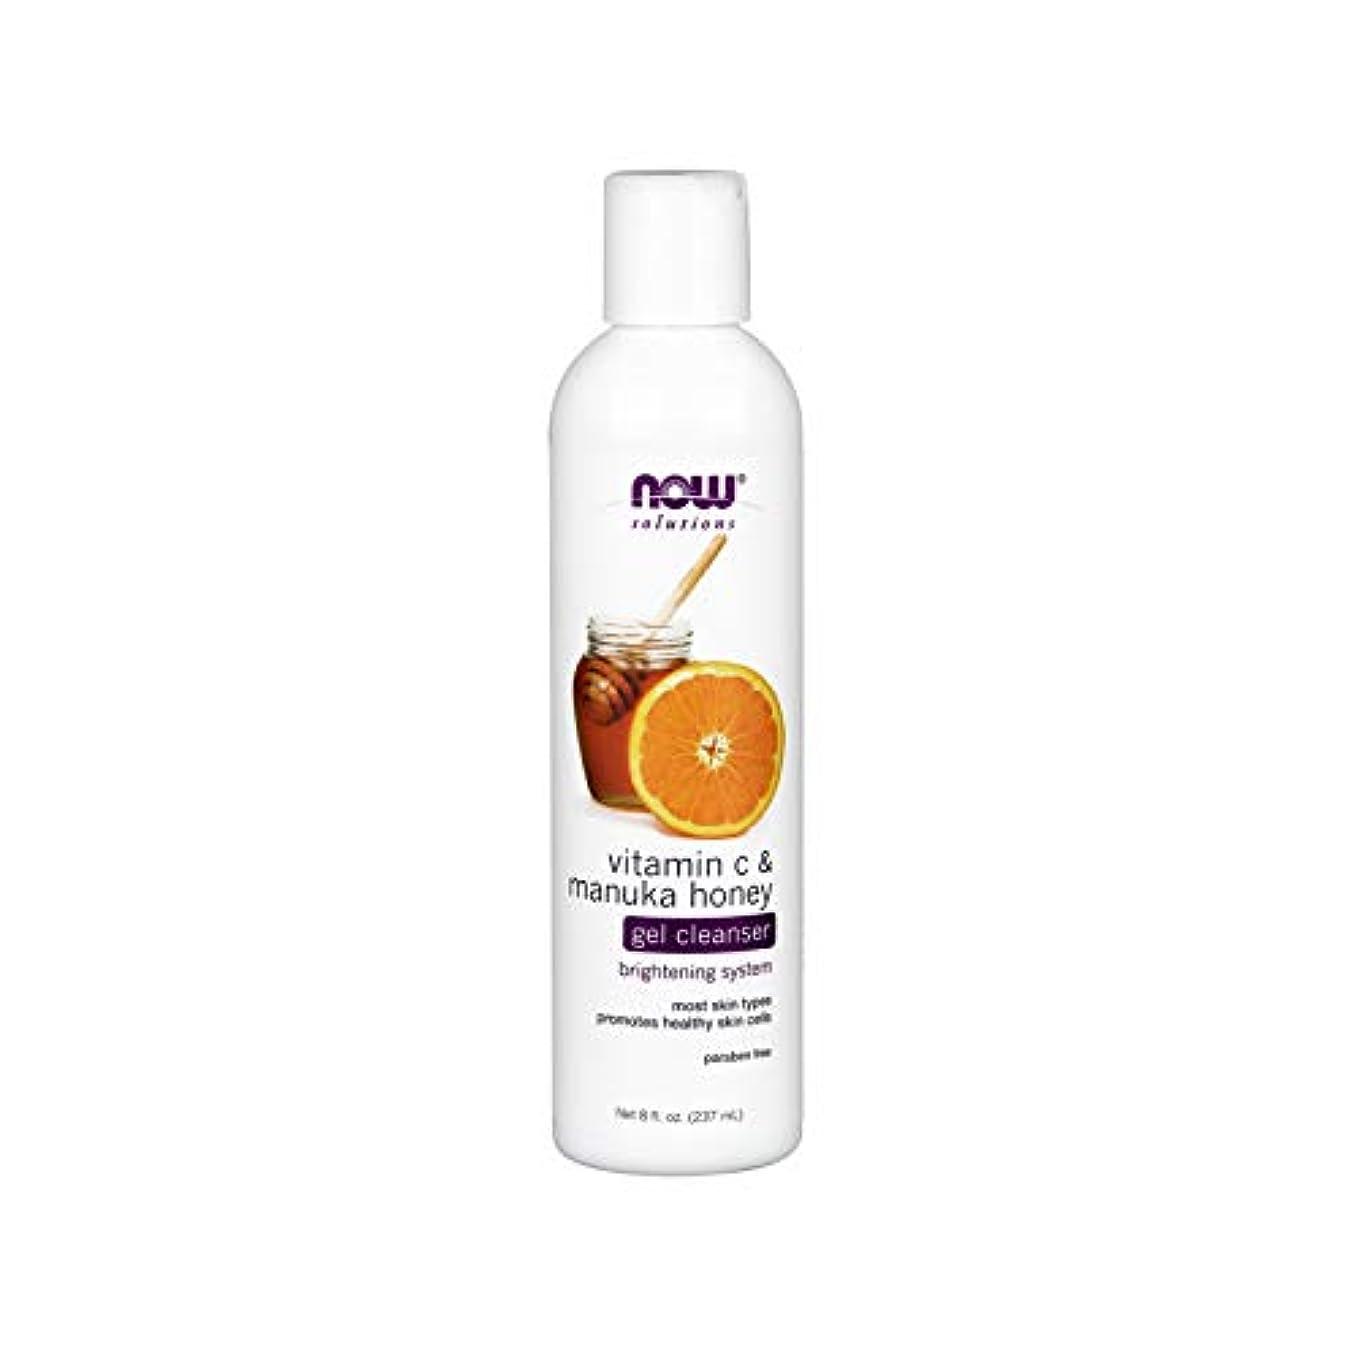 上ピクニック半島NOW Vitamin C & Manuka Honey Gel Cleanser - 8 fl. oz. ビタミンC&マヌカハニー配合のジェルタイプ洗顔 ~海外直送品~